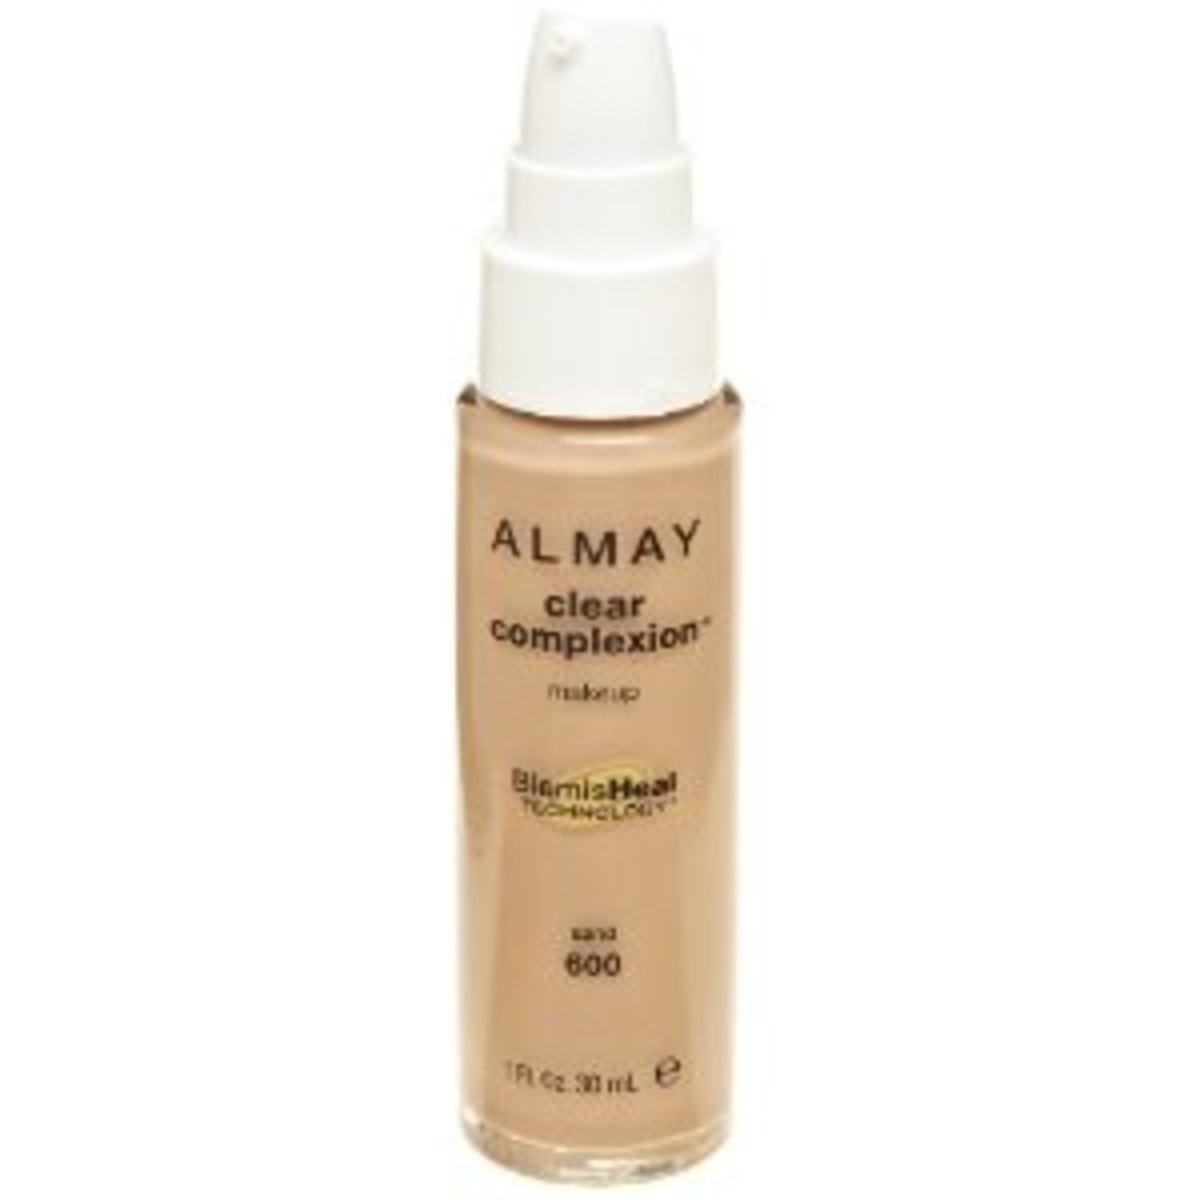 Almay-Clear-Complexion-Liquid-Makeup